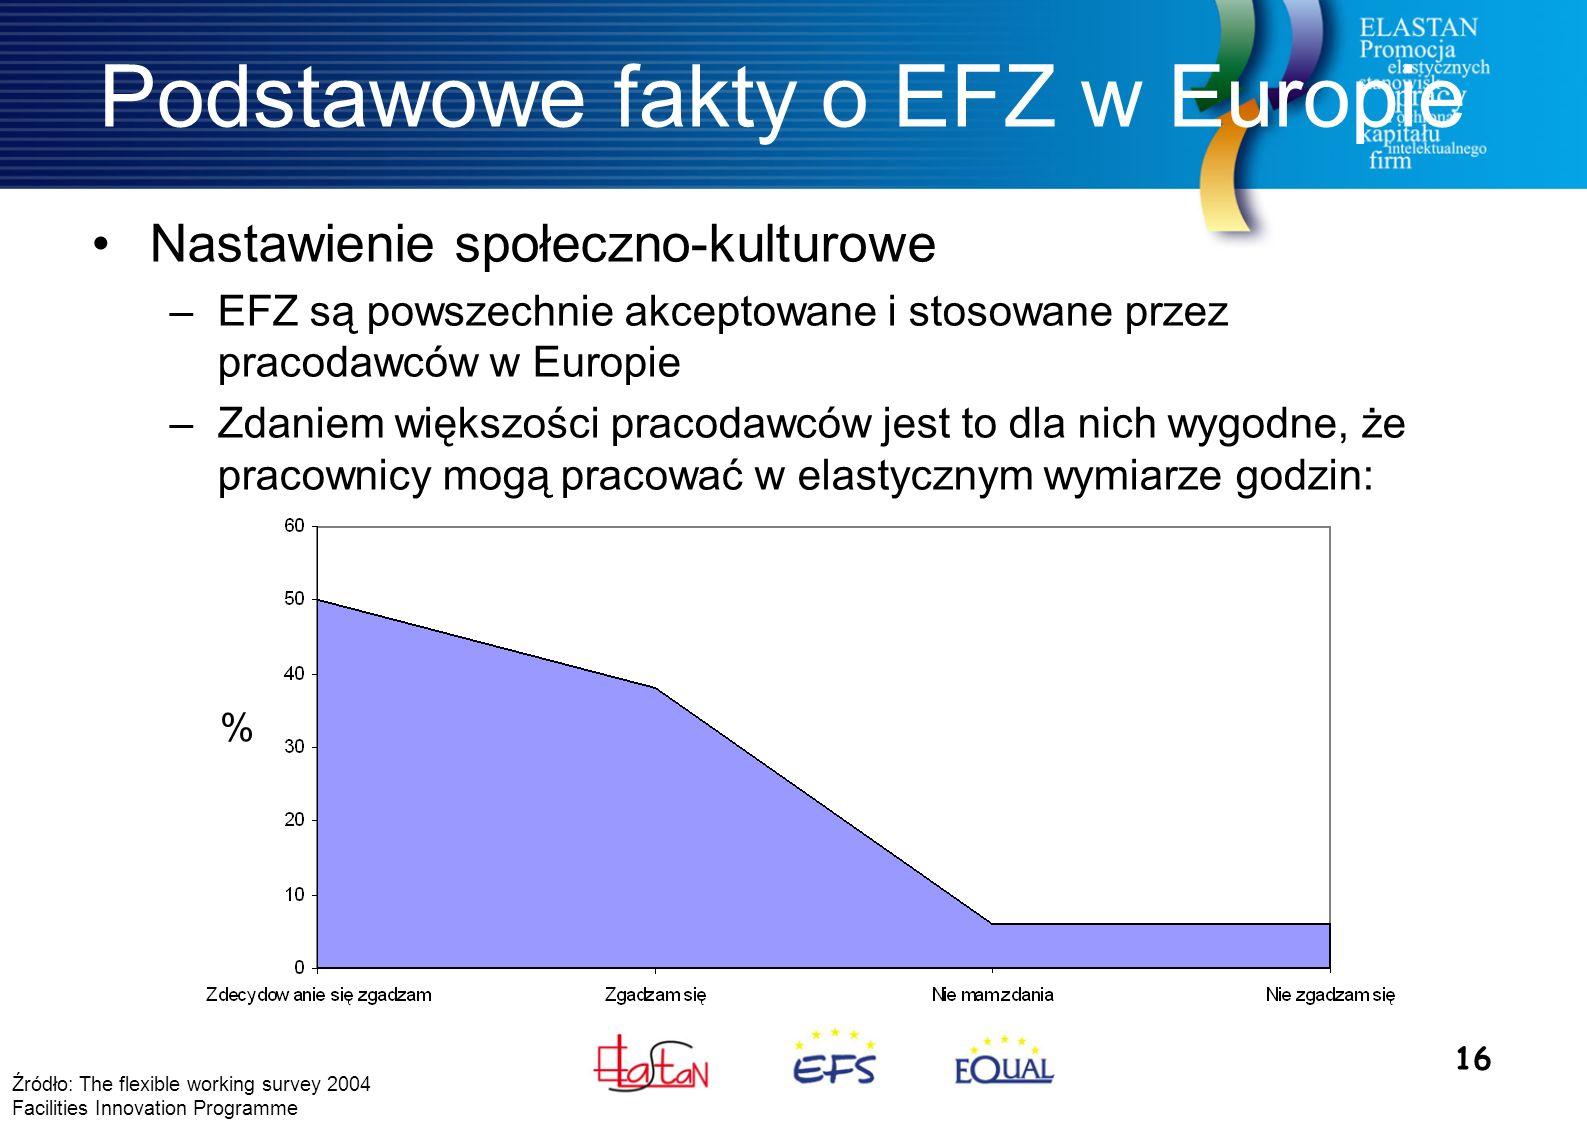 16 Podstawowe fakty o EFZ w Europie Nastawienie społeczno-kulturowe –EFZ są powszechnie akceptowane i stosowane przez pracodawców w Europie –Zdaniem większości pracodawców jest to dla nich wygodne, że pracownicy mogą pracować w elastycznym wymiarze godzin: Źródło: The flexible working survey 2004 Facilities Innovation Programme %